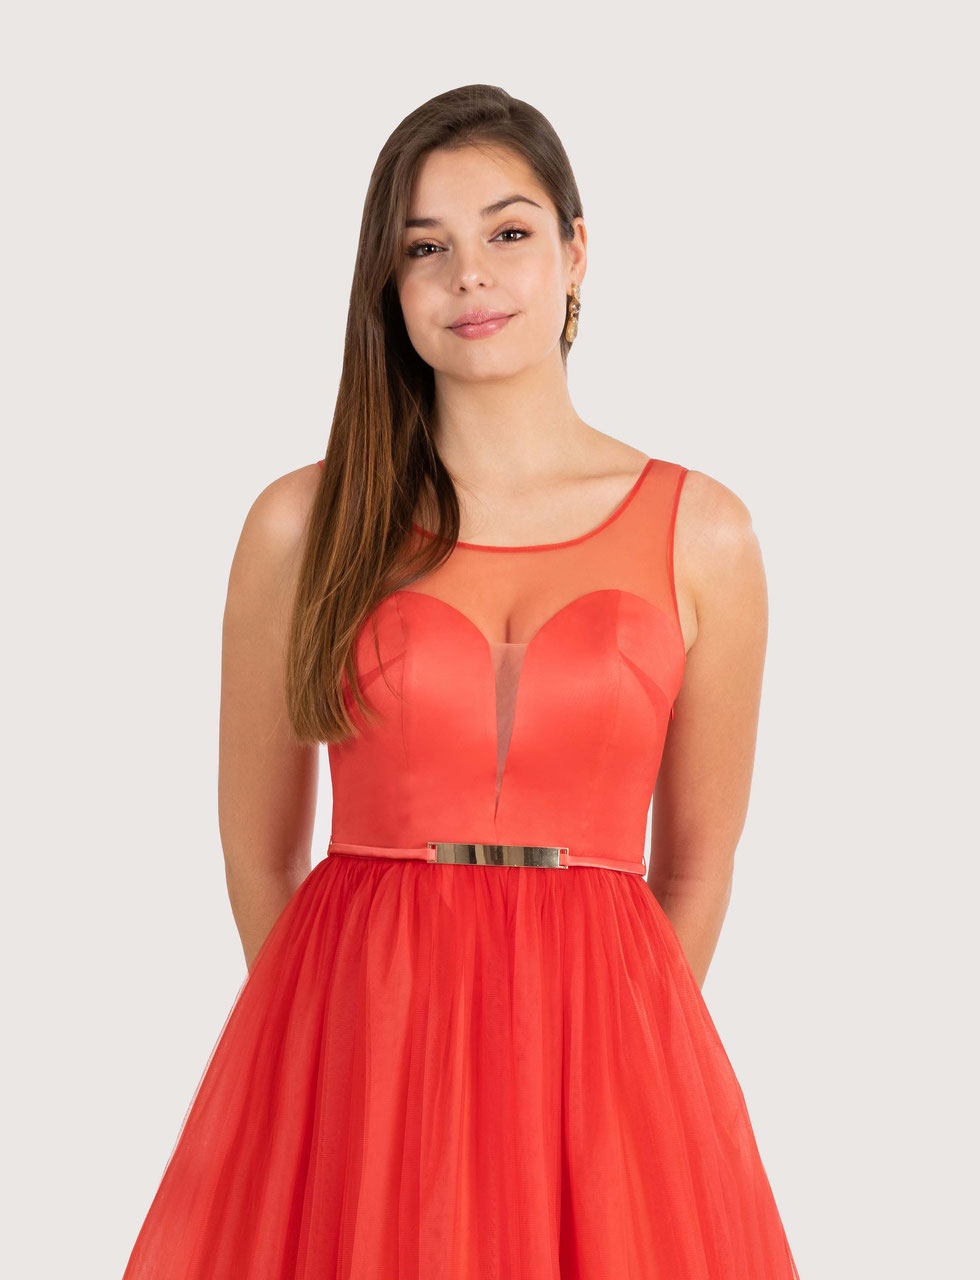 Orange rotes Ballkleid nach Maß ganz einfach online ...